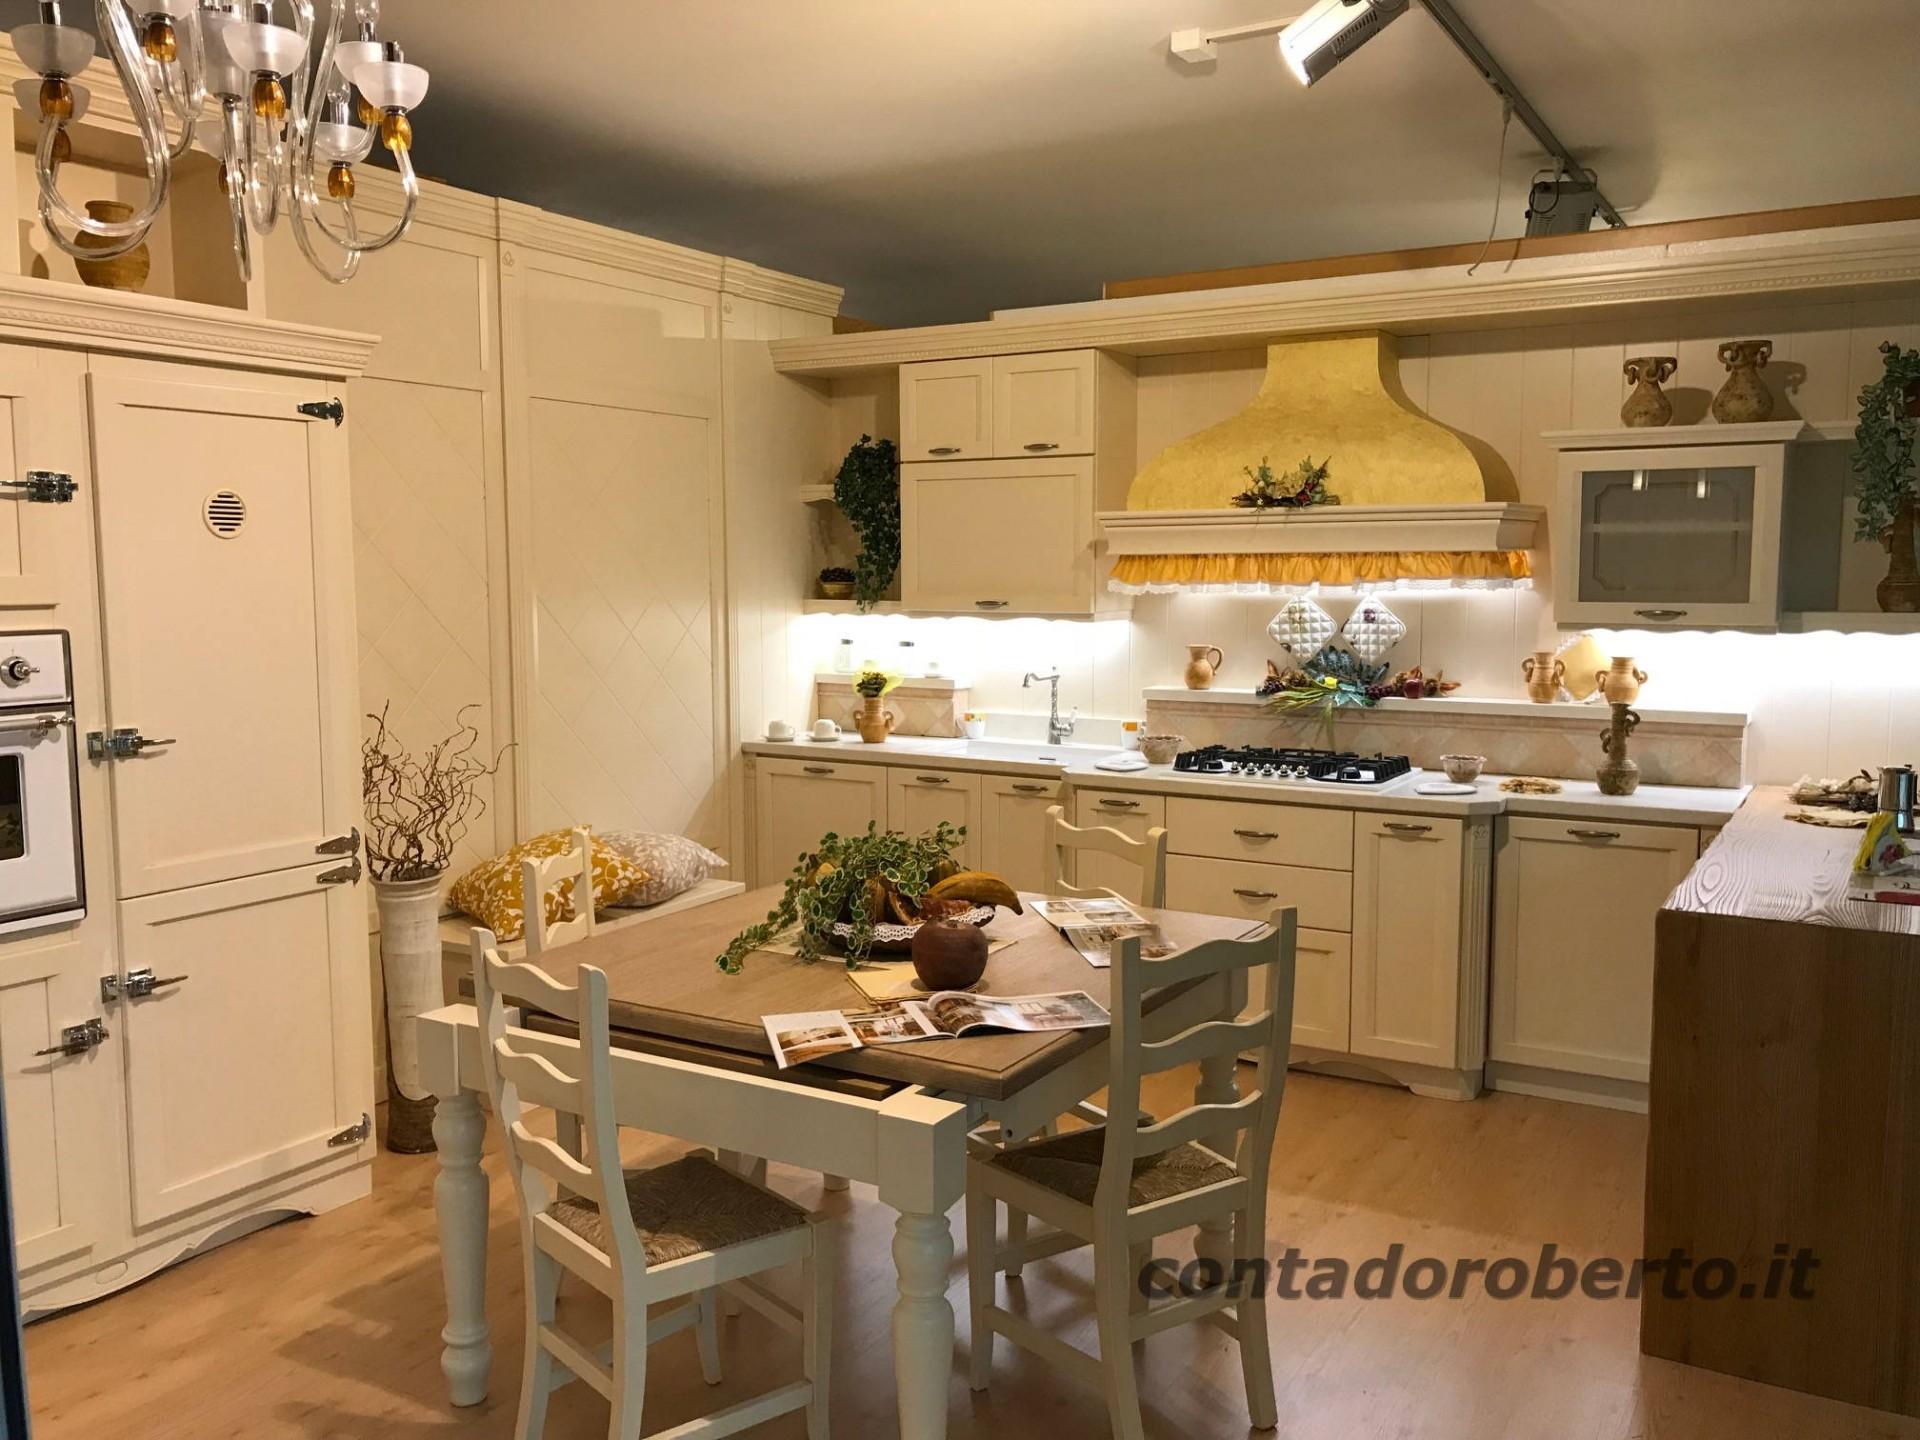 Cucina in Legno Country Chic | Contado Roberto Group ...